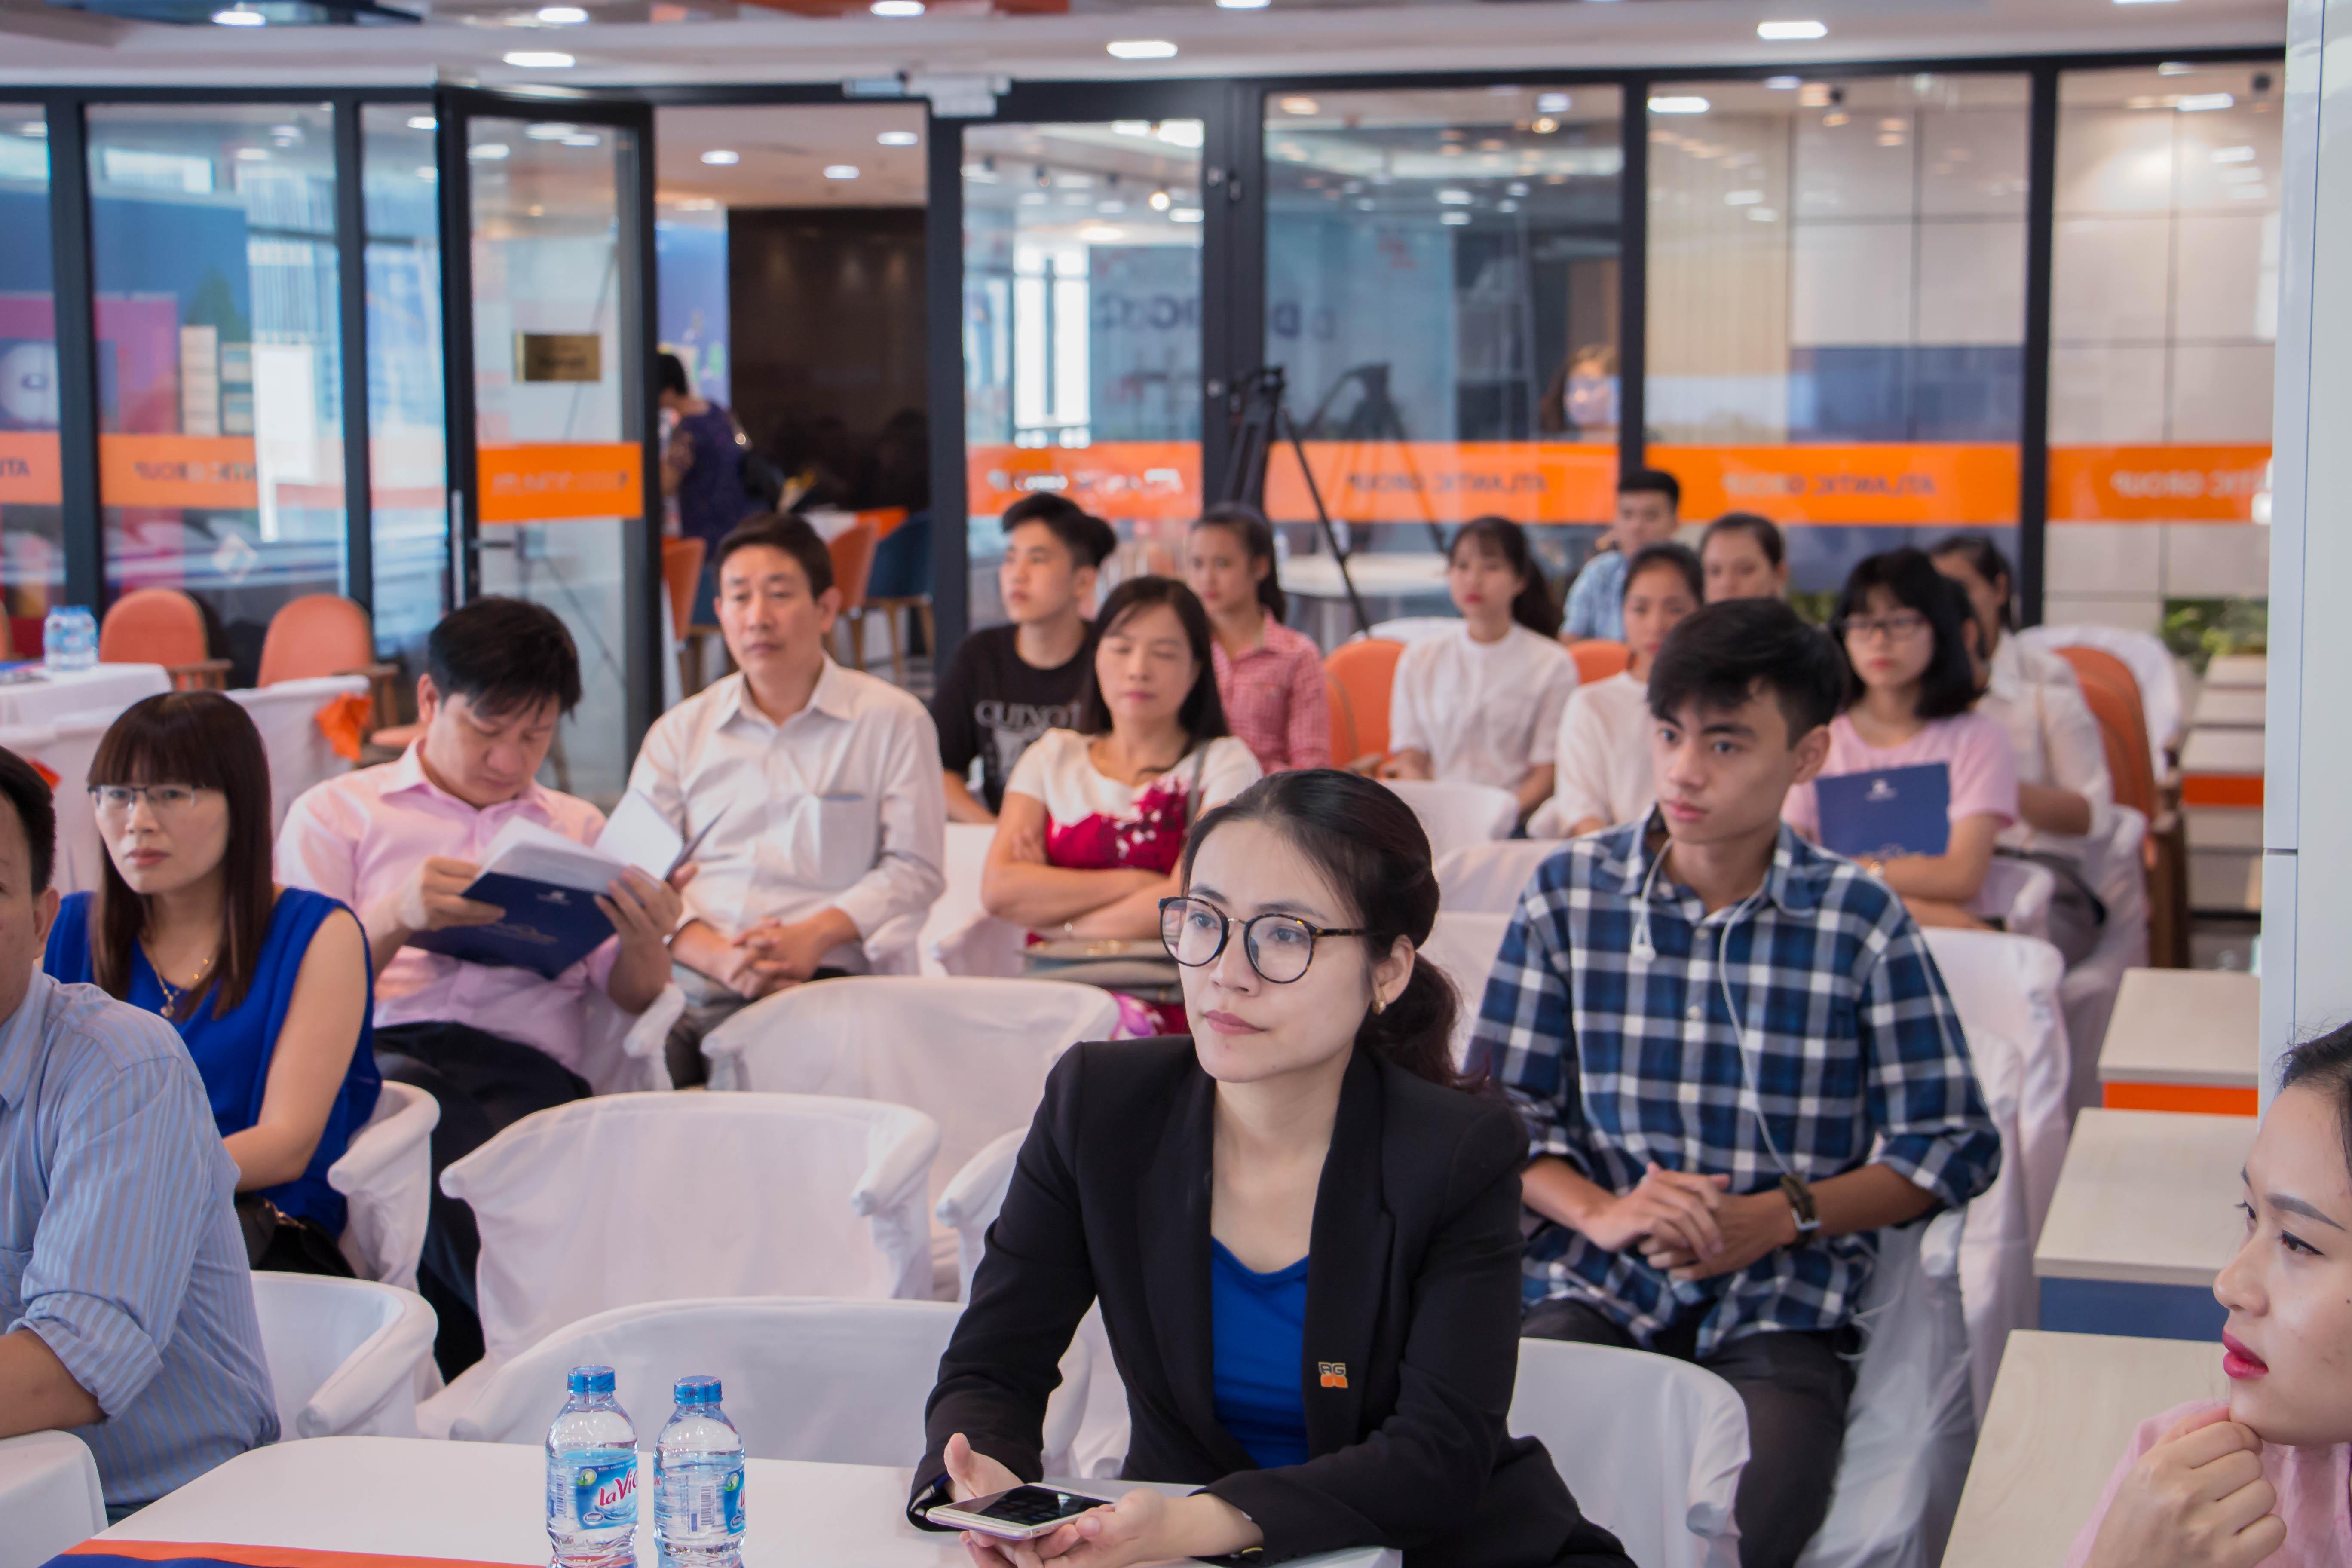 đảo học sinh, sinh viên cùng các vị phụ huynh tham dự hội thảo